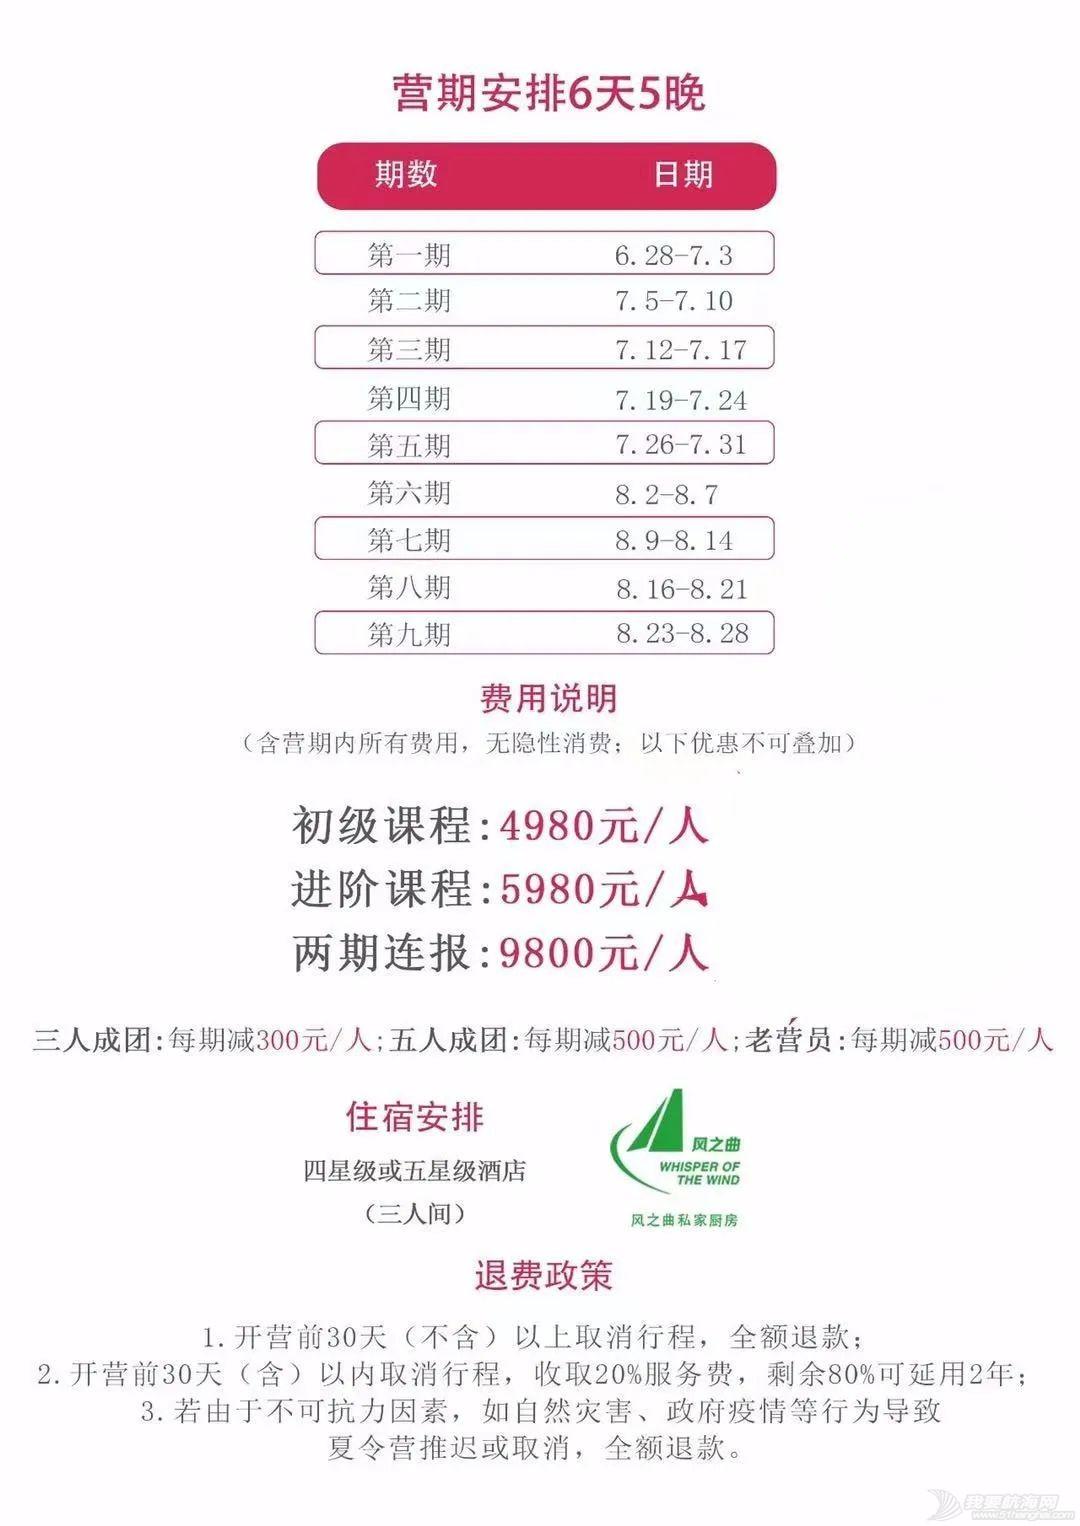 2021帆船夏令营之华东篇|中帆协小帆船认证培训中心营业啦③w15.jpg